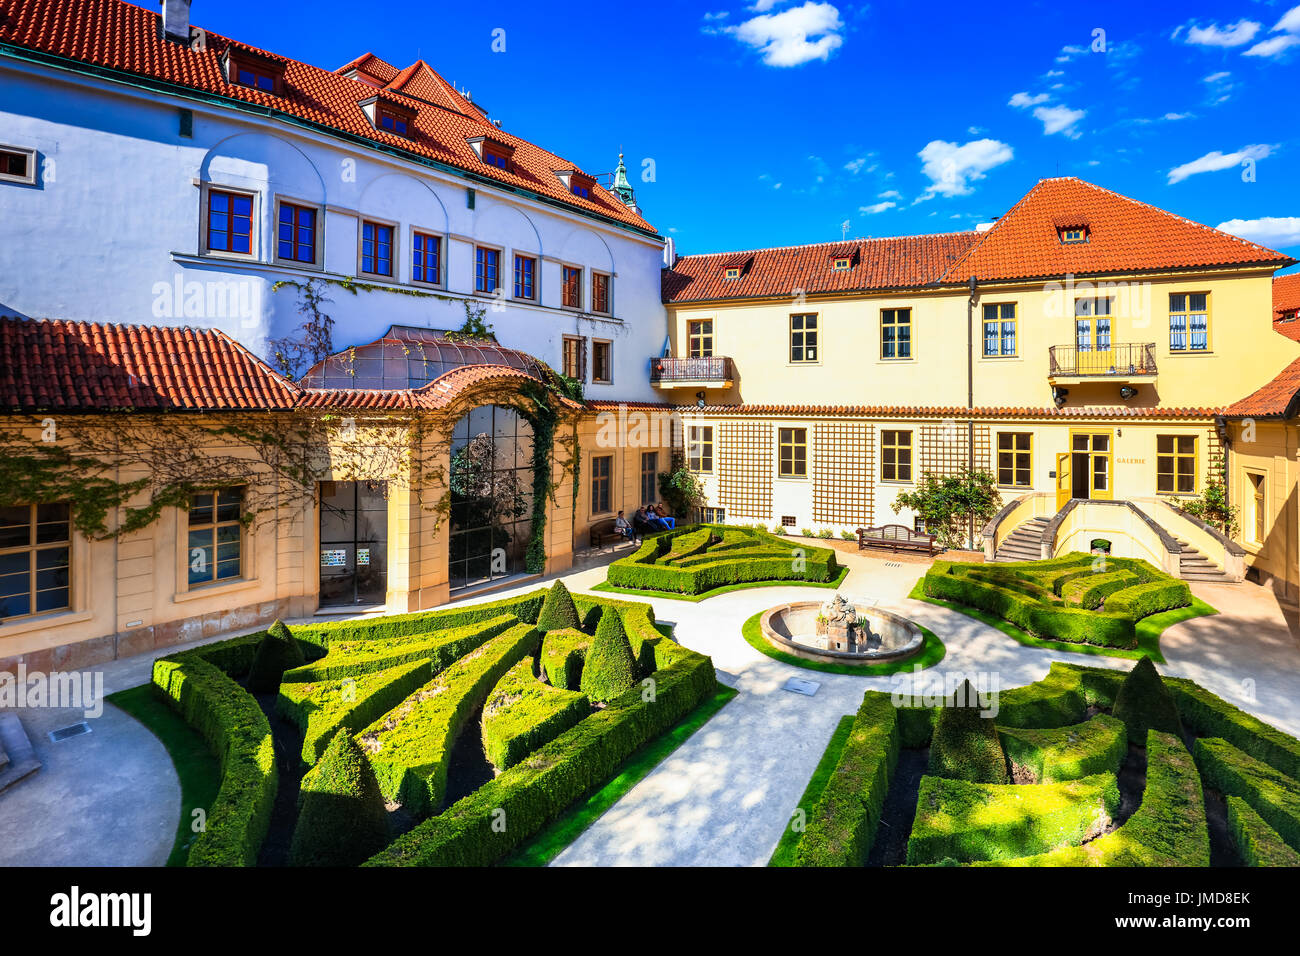 vrtba garden prague czech - photo #25